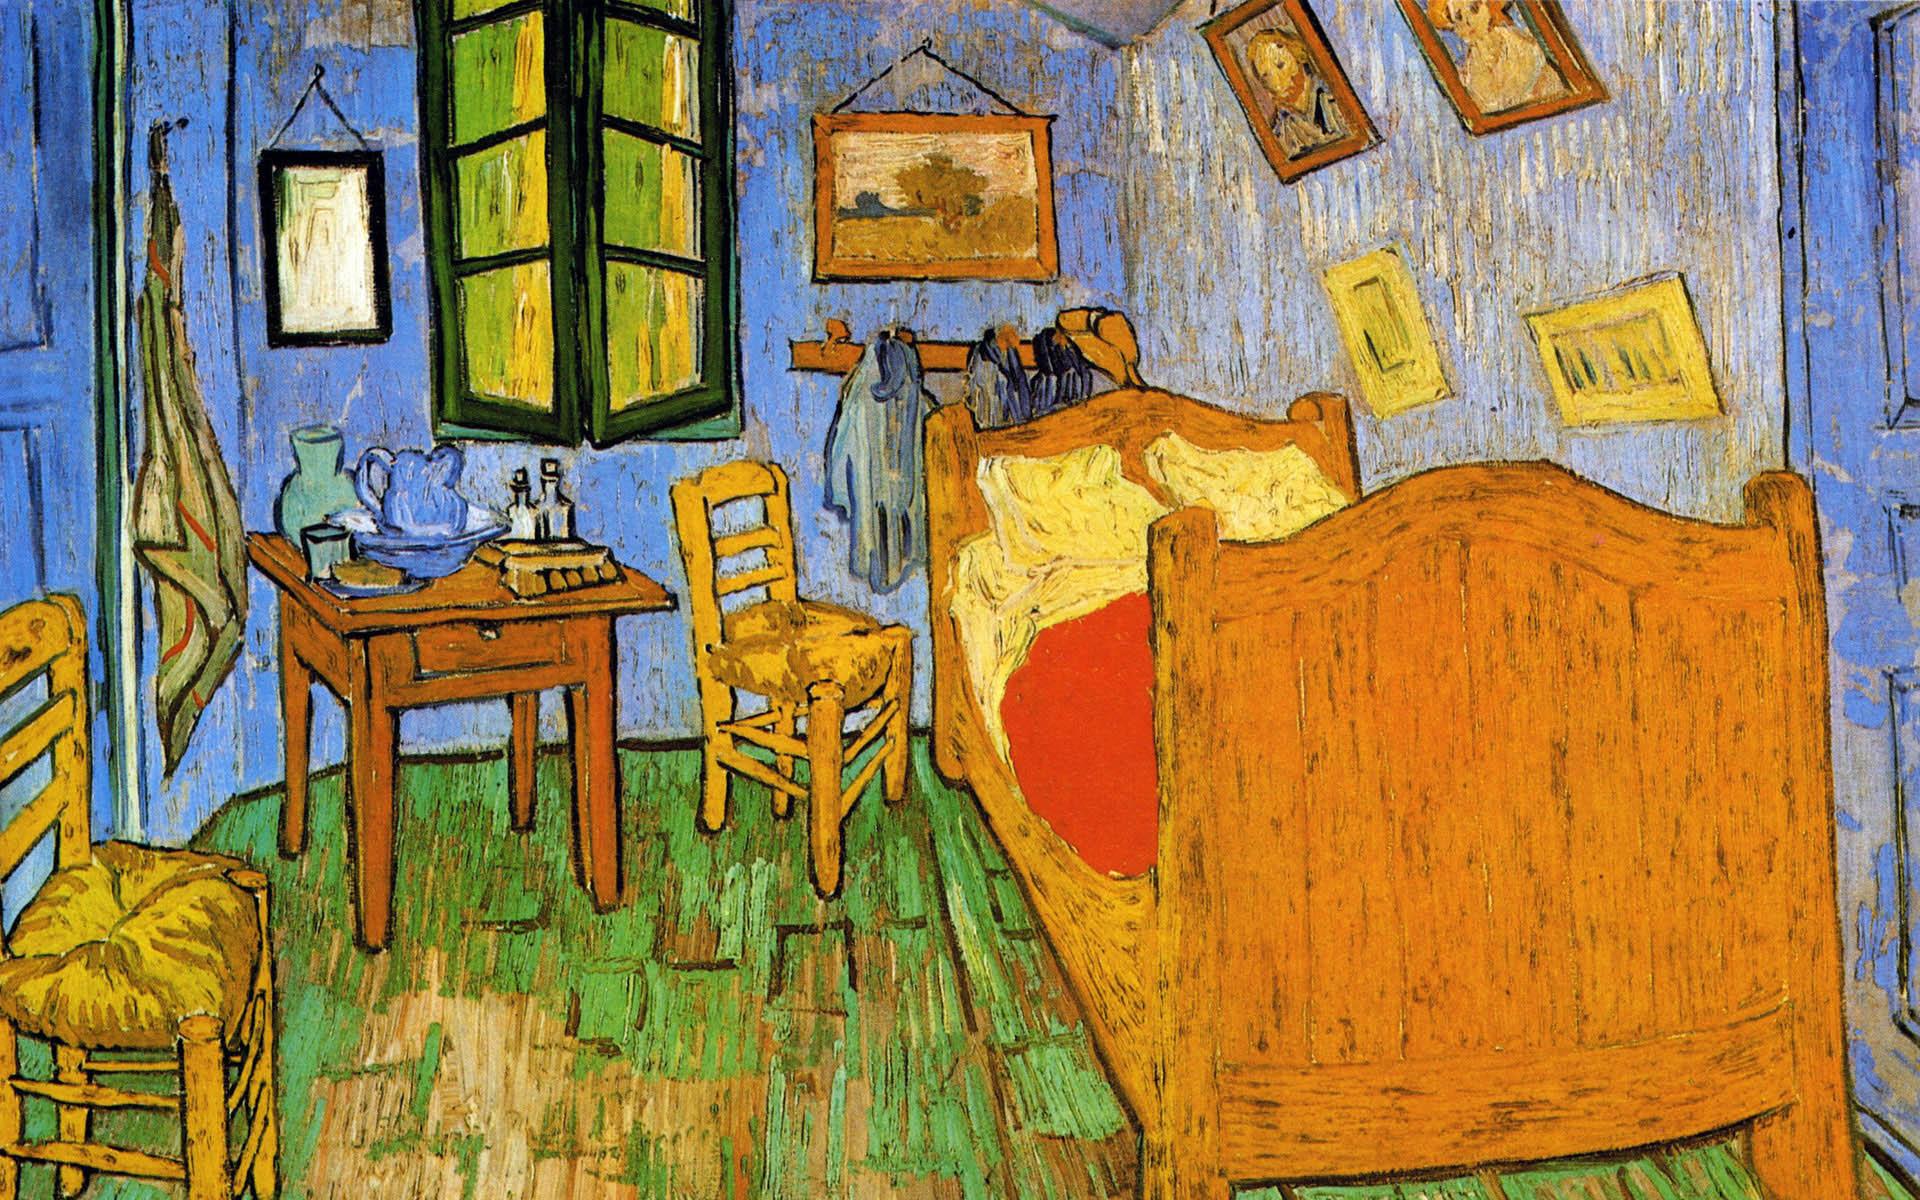 Van gogh wallpapers 1920x1200